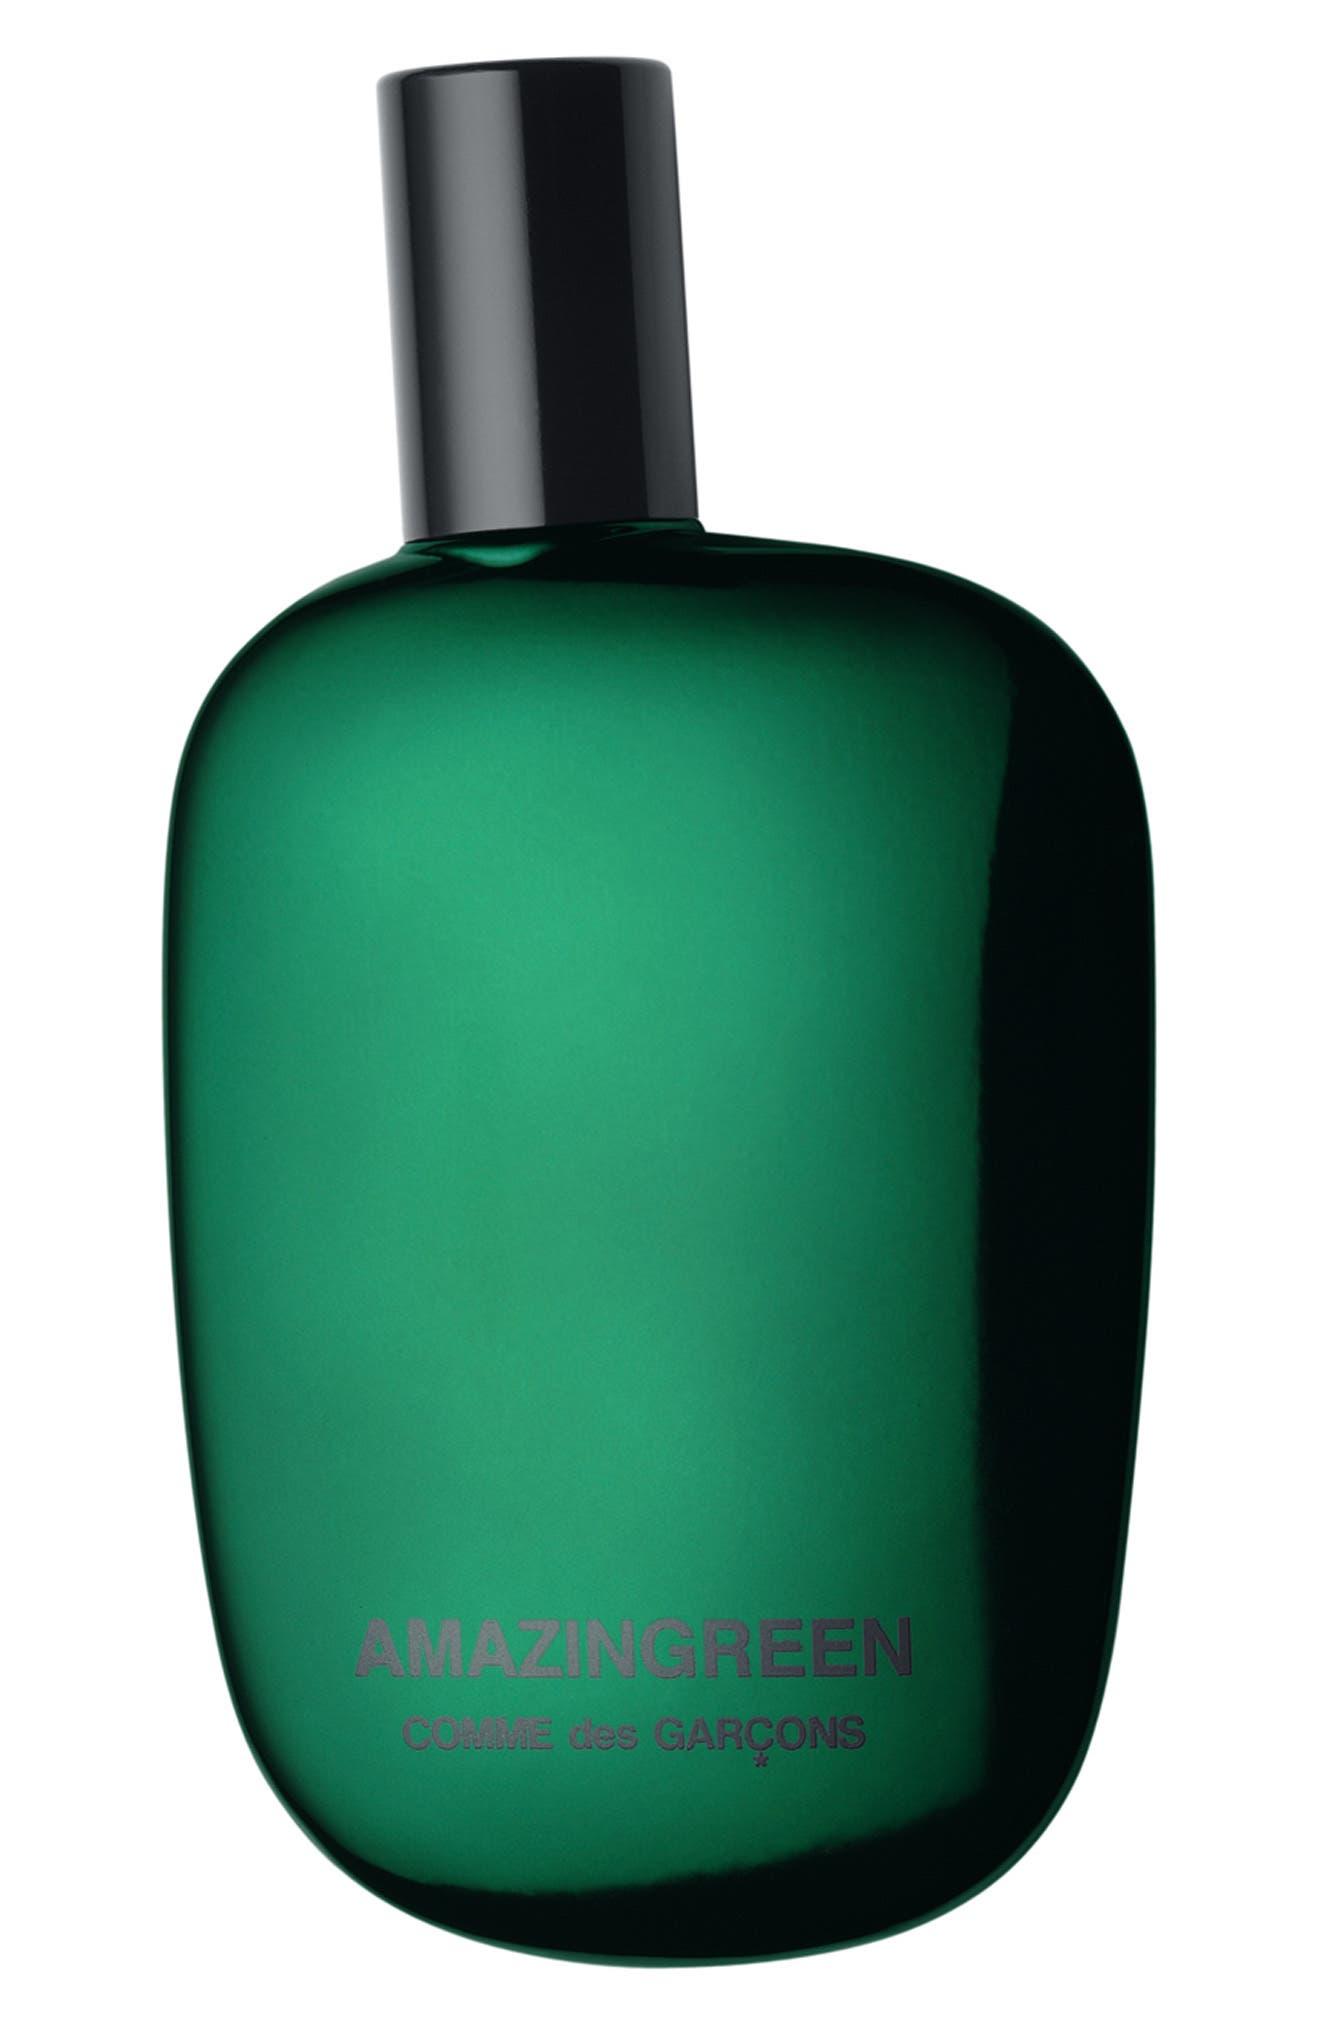 Alternate Image 1 Selected - Comme des Garçons Amazingreen Eau de Parfum